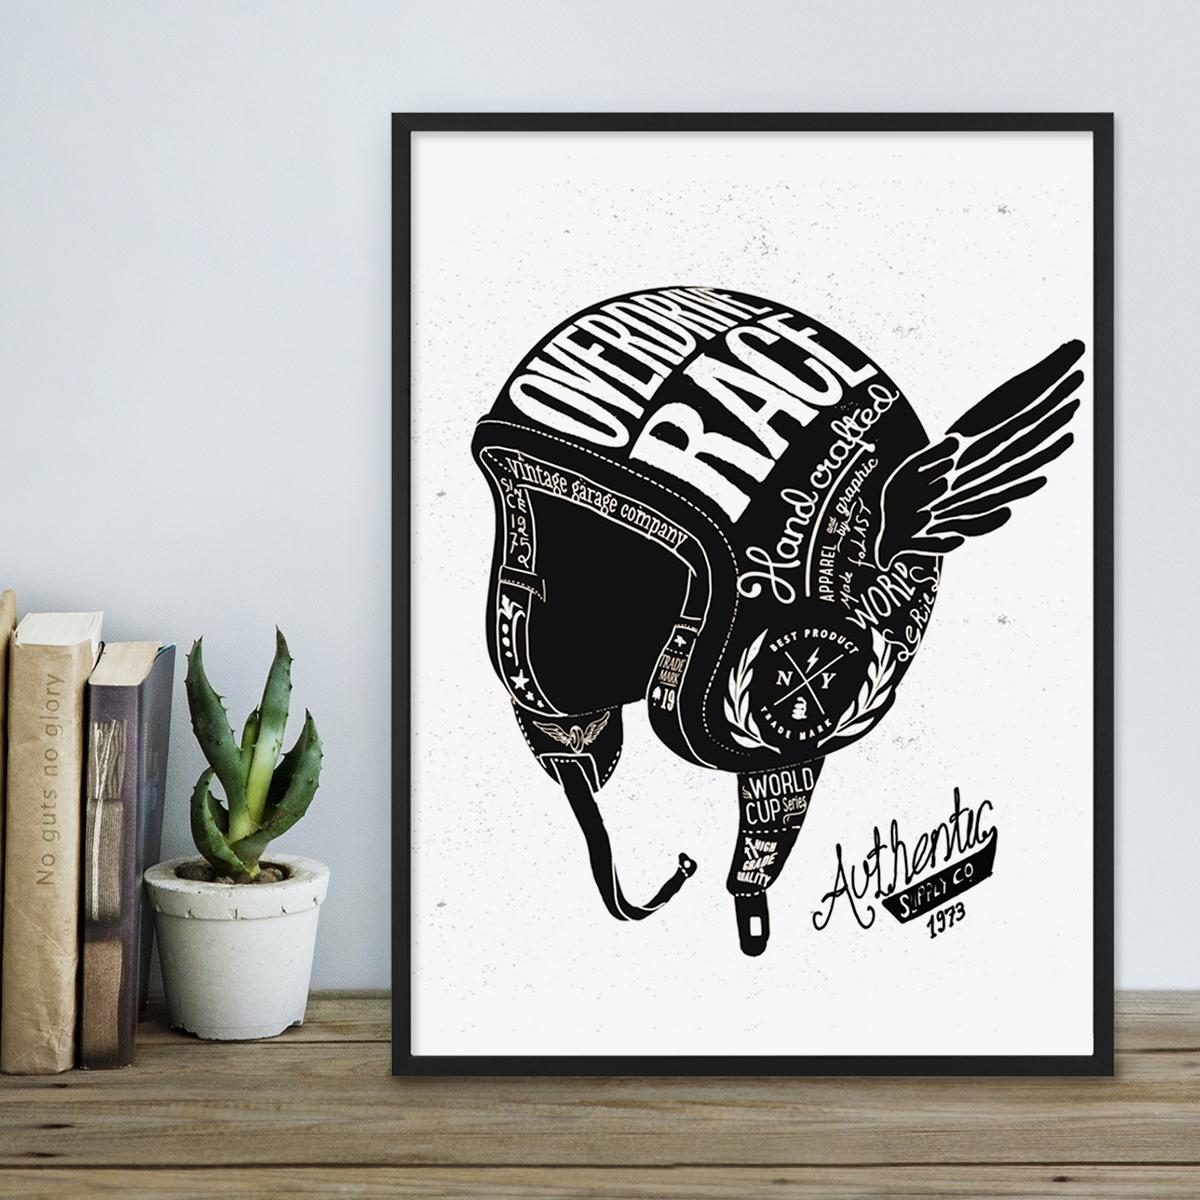 Design Poster Helm 30x40 Cm Schwarz Weiss Motiv Spruch Vintage